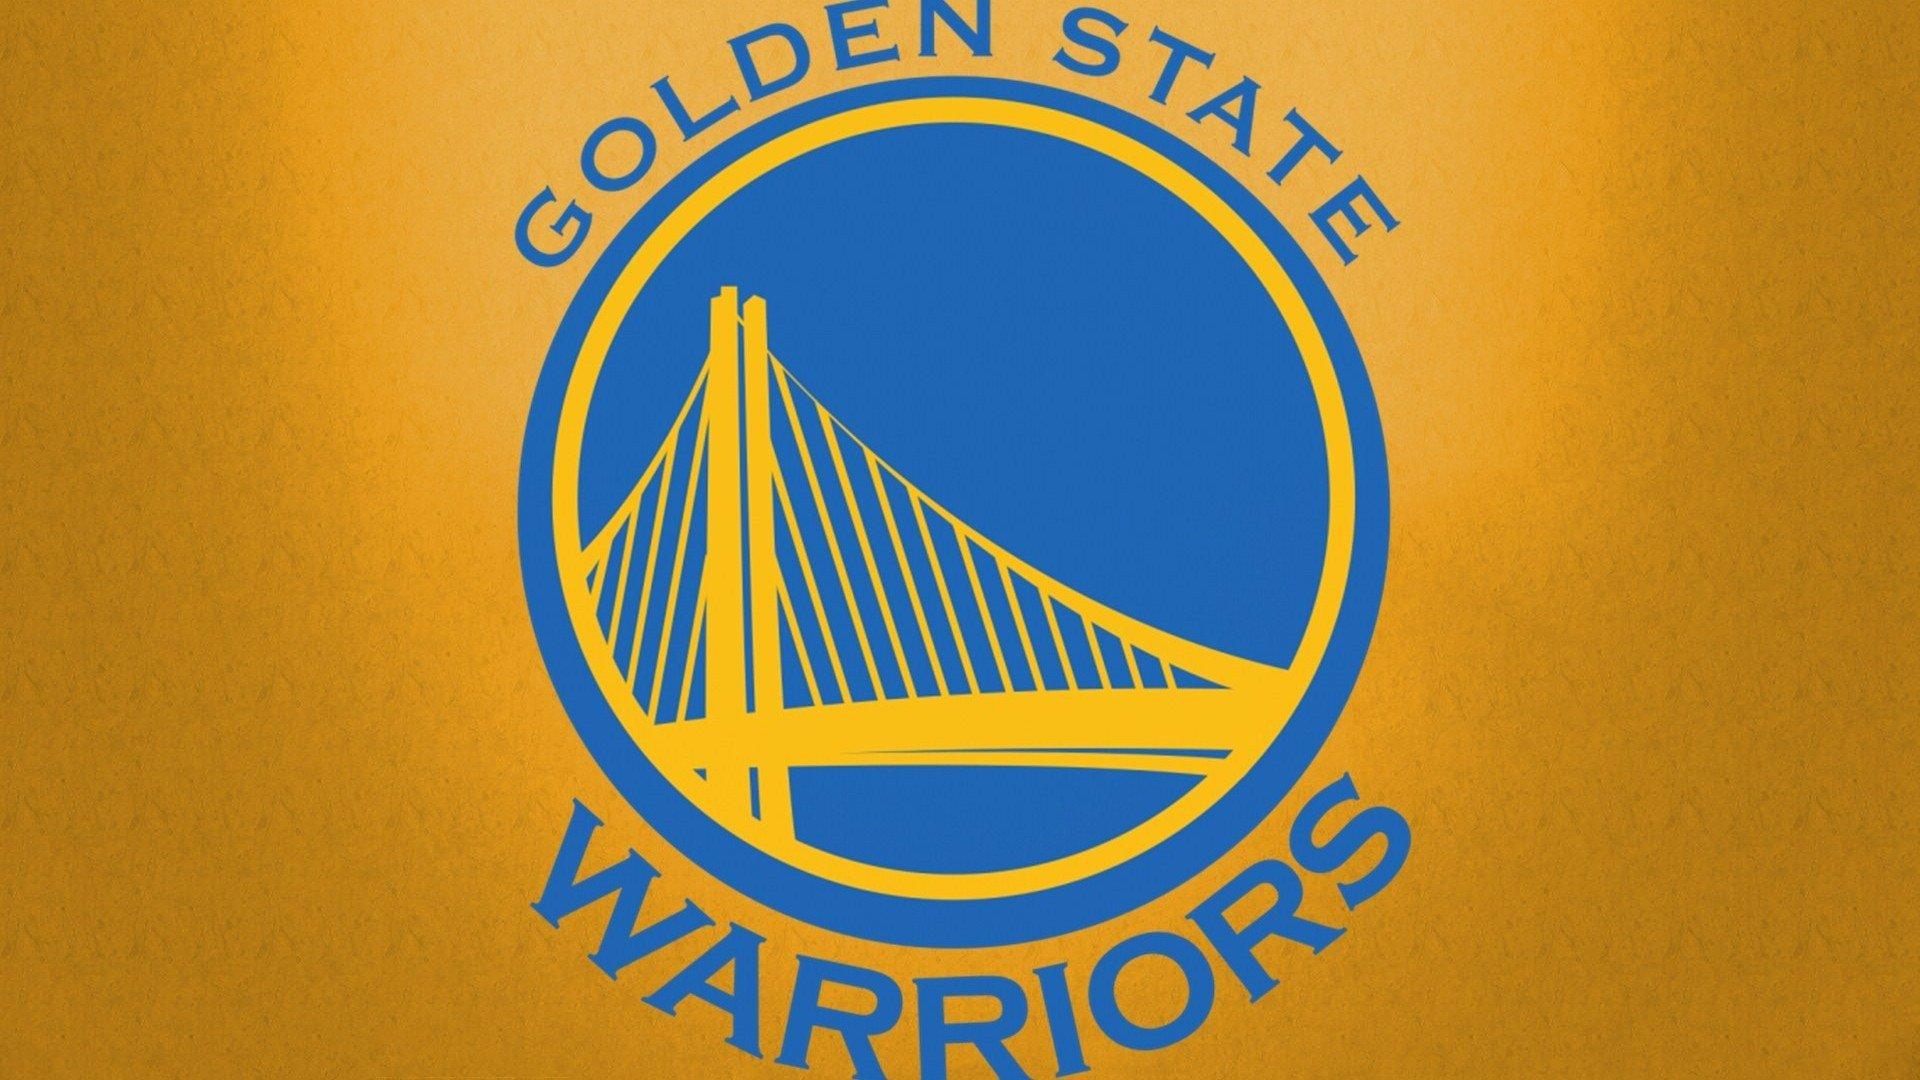 Golden state warriors nba basketball poster wallpaper - Golden state warriors wallpaper 2017 ...